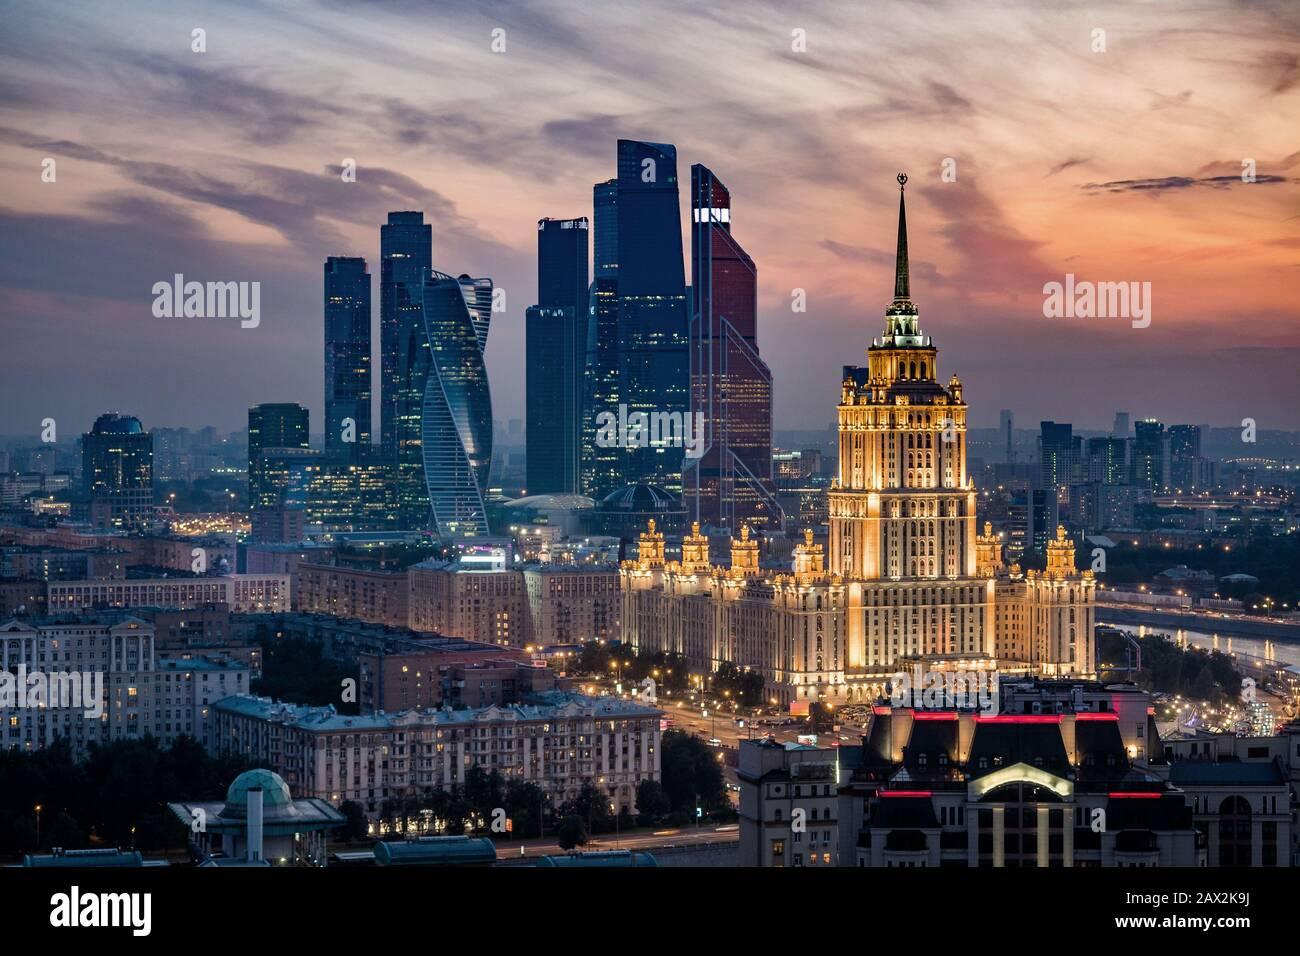 Vista aérea del horizonte de la ciudad de Moscú al atardecer, mostrando monumentos arquitectónicos y el Centro Internacional de Negocios en Moscú, Rusia. Foto de stock